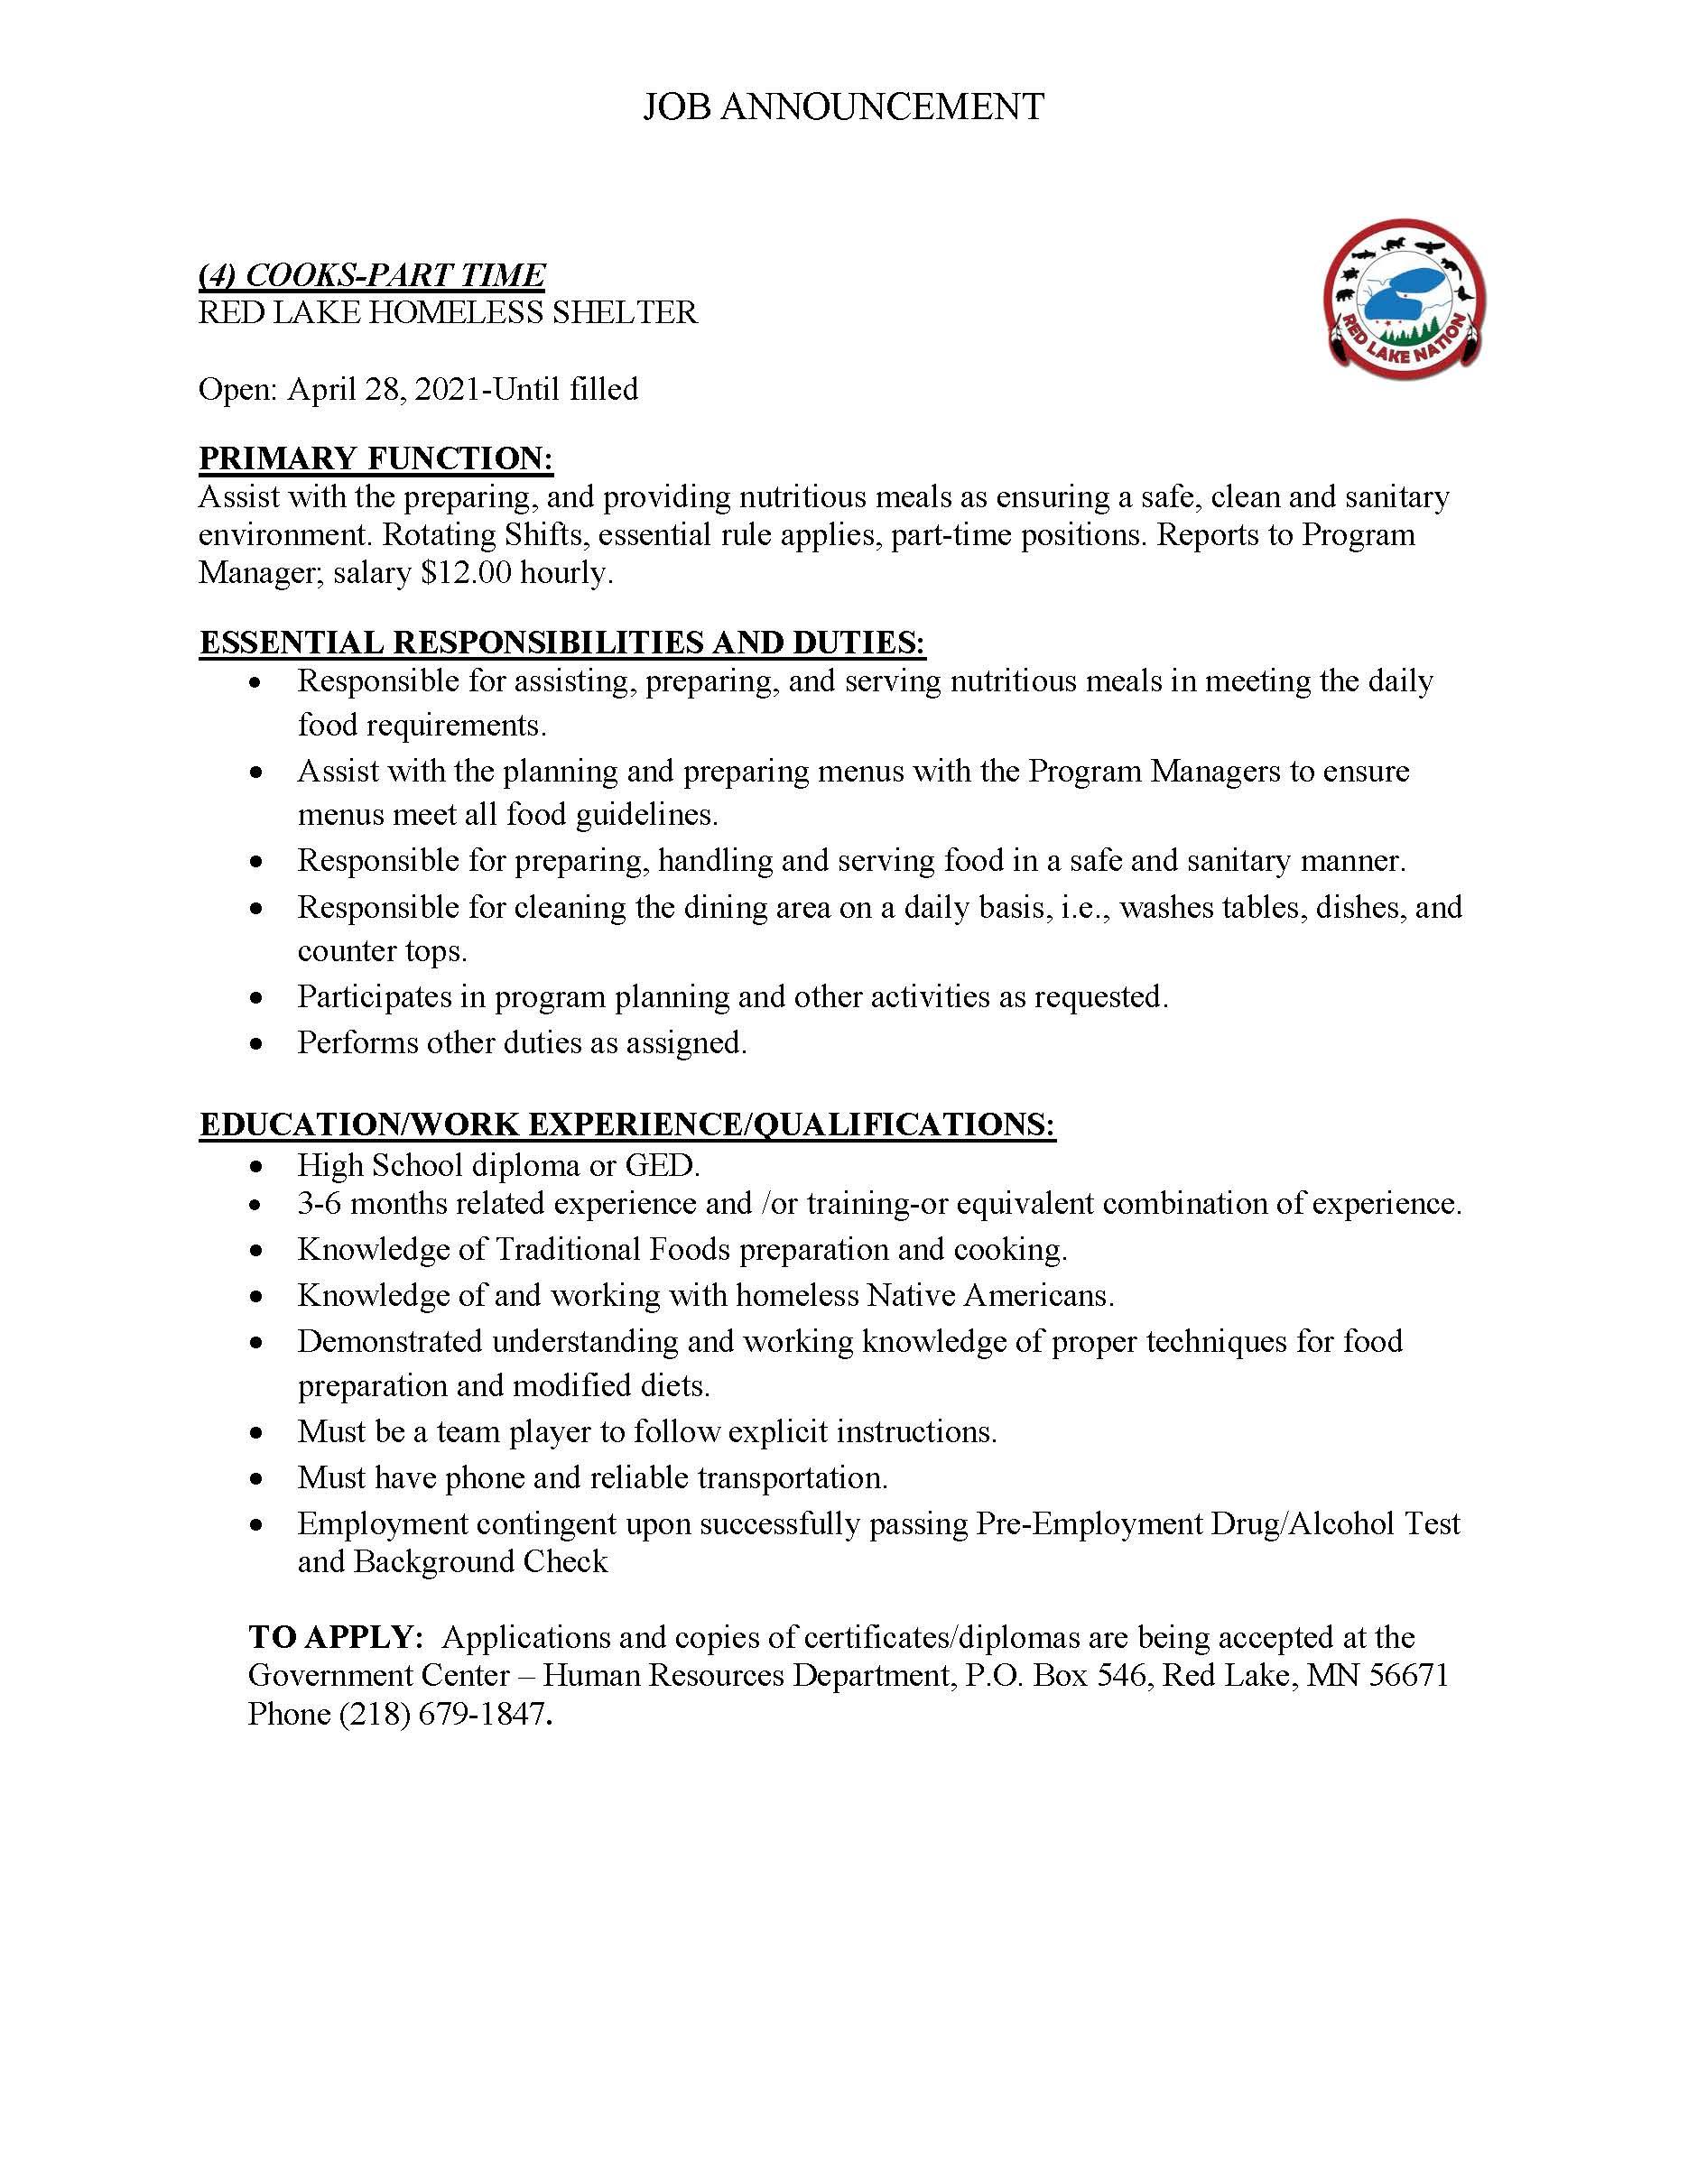 4-Part time Cooks-Homeless Shelter Job posting 4-28-2021